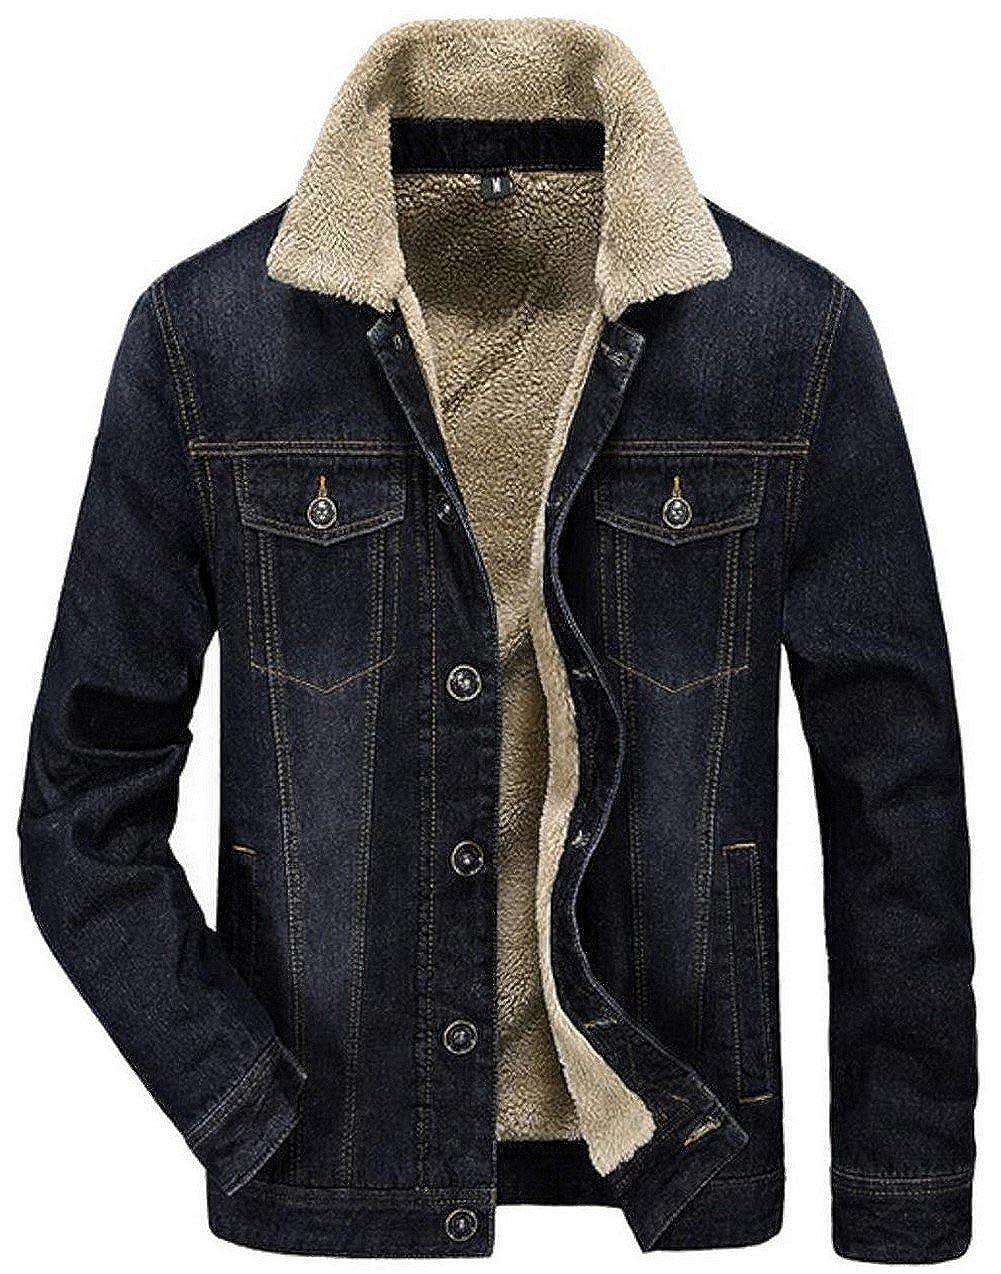 JIAX Men's Winter Warm Fashion Casual Trucker Denim Jacket Faux Shearling Coat